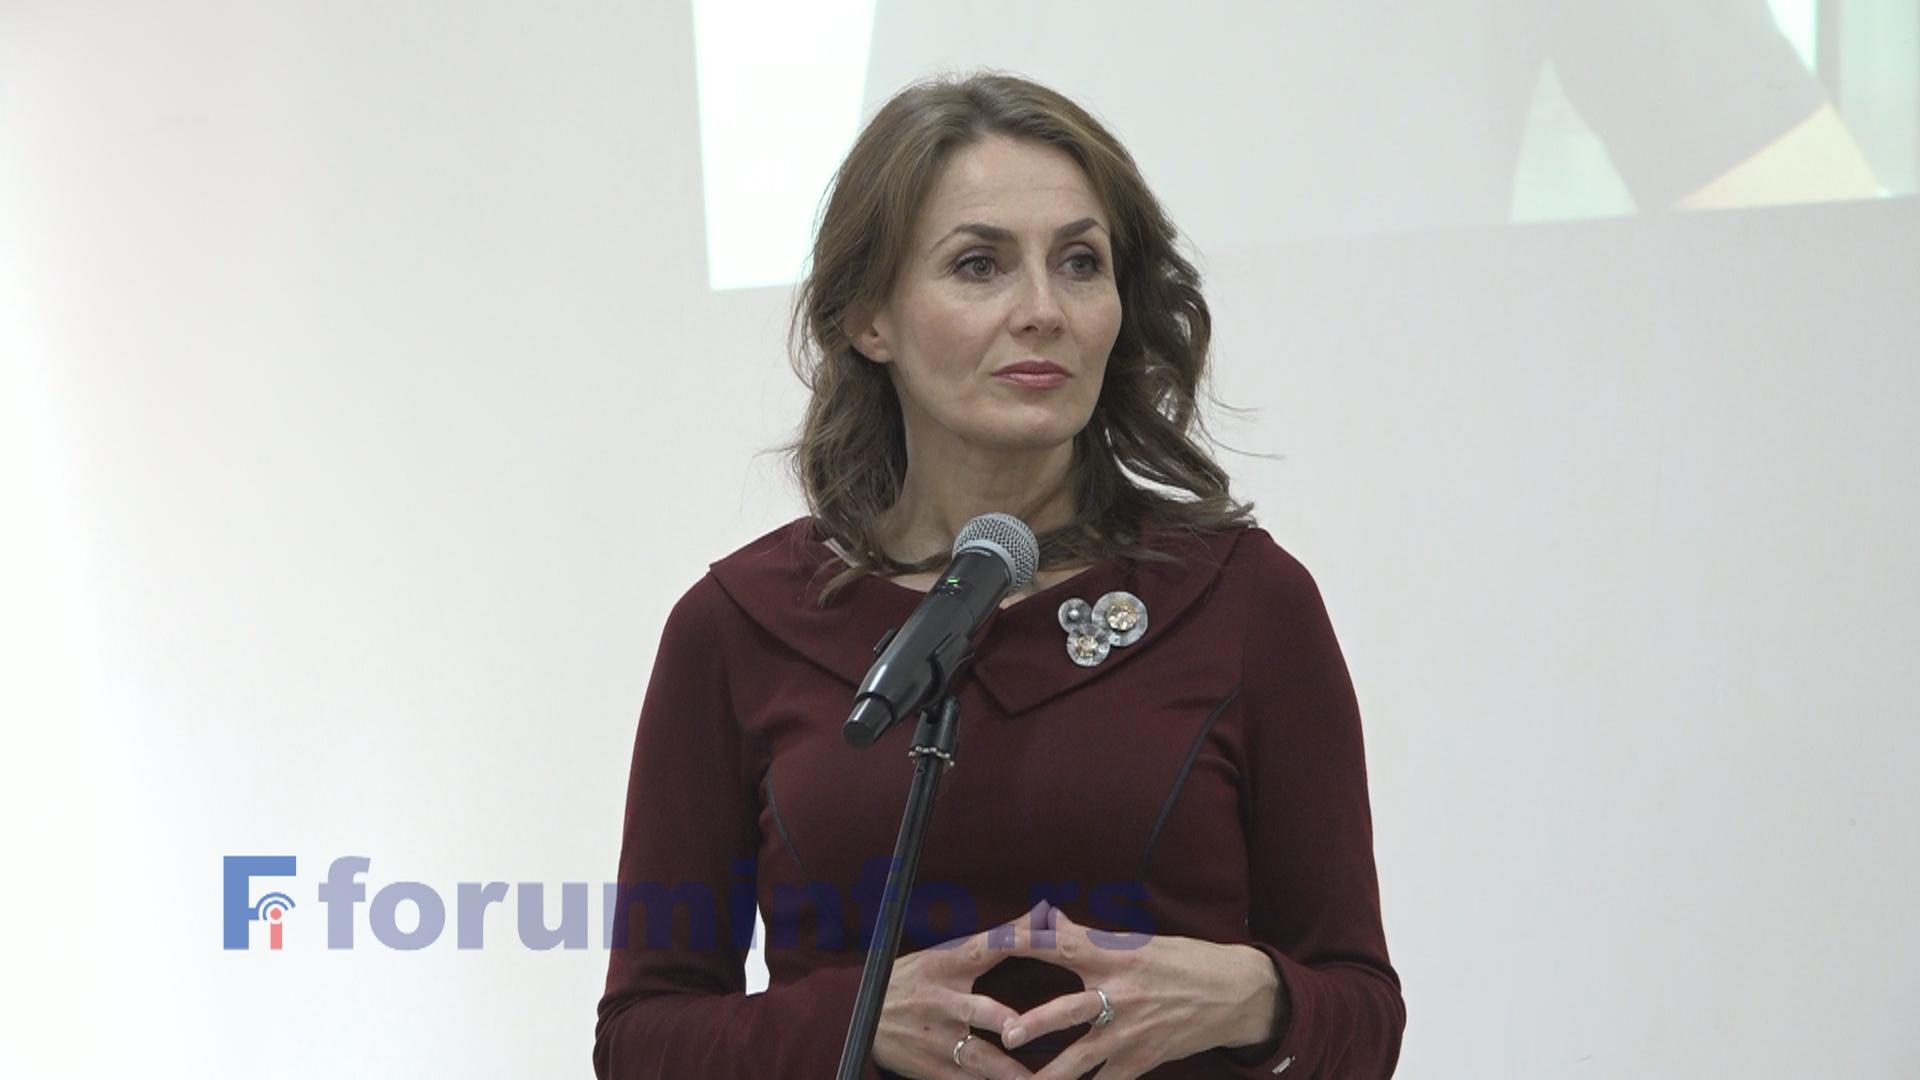 Бранкица Јанковић поново изабрана на место поверенице за заштиту равноправности